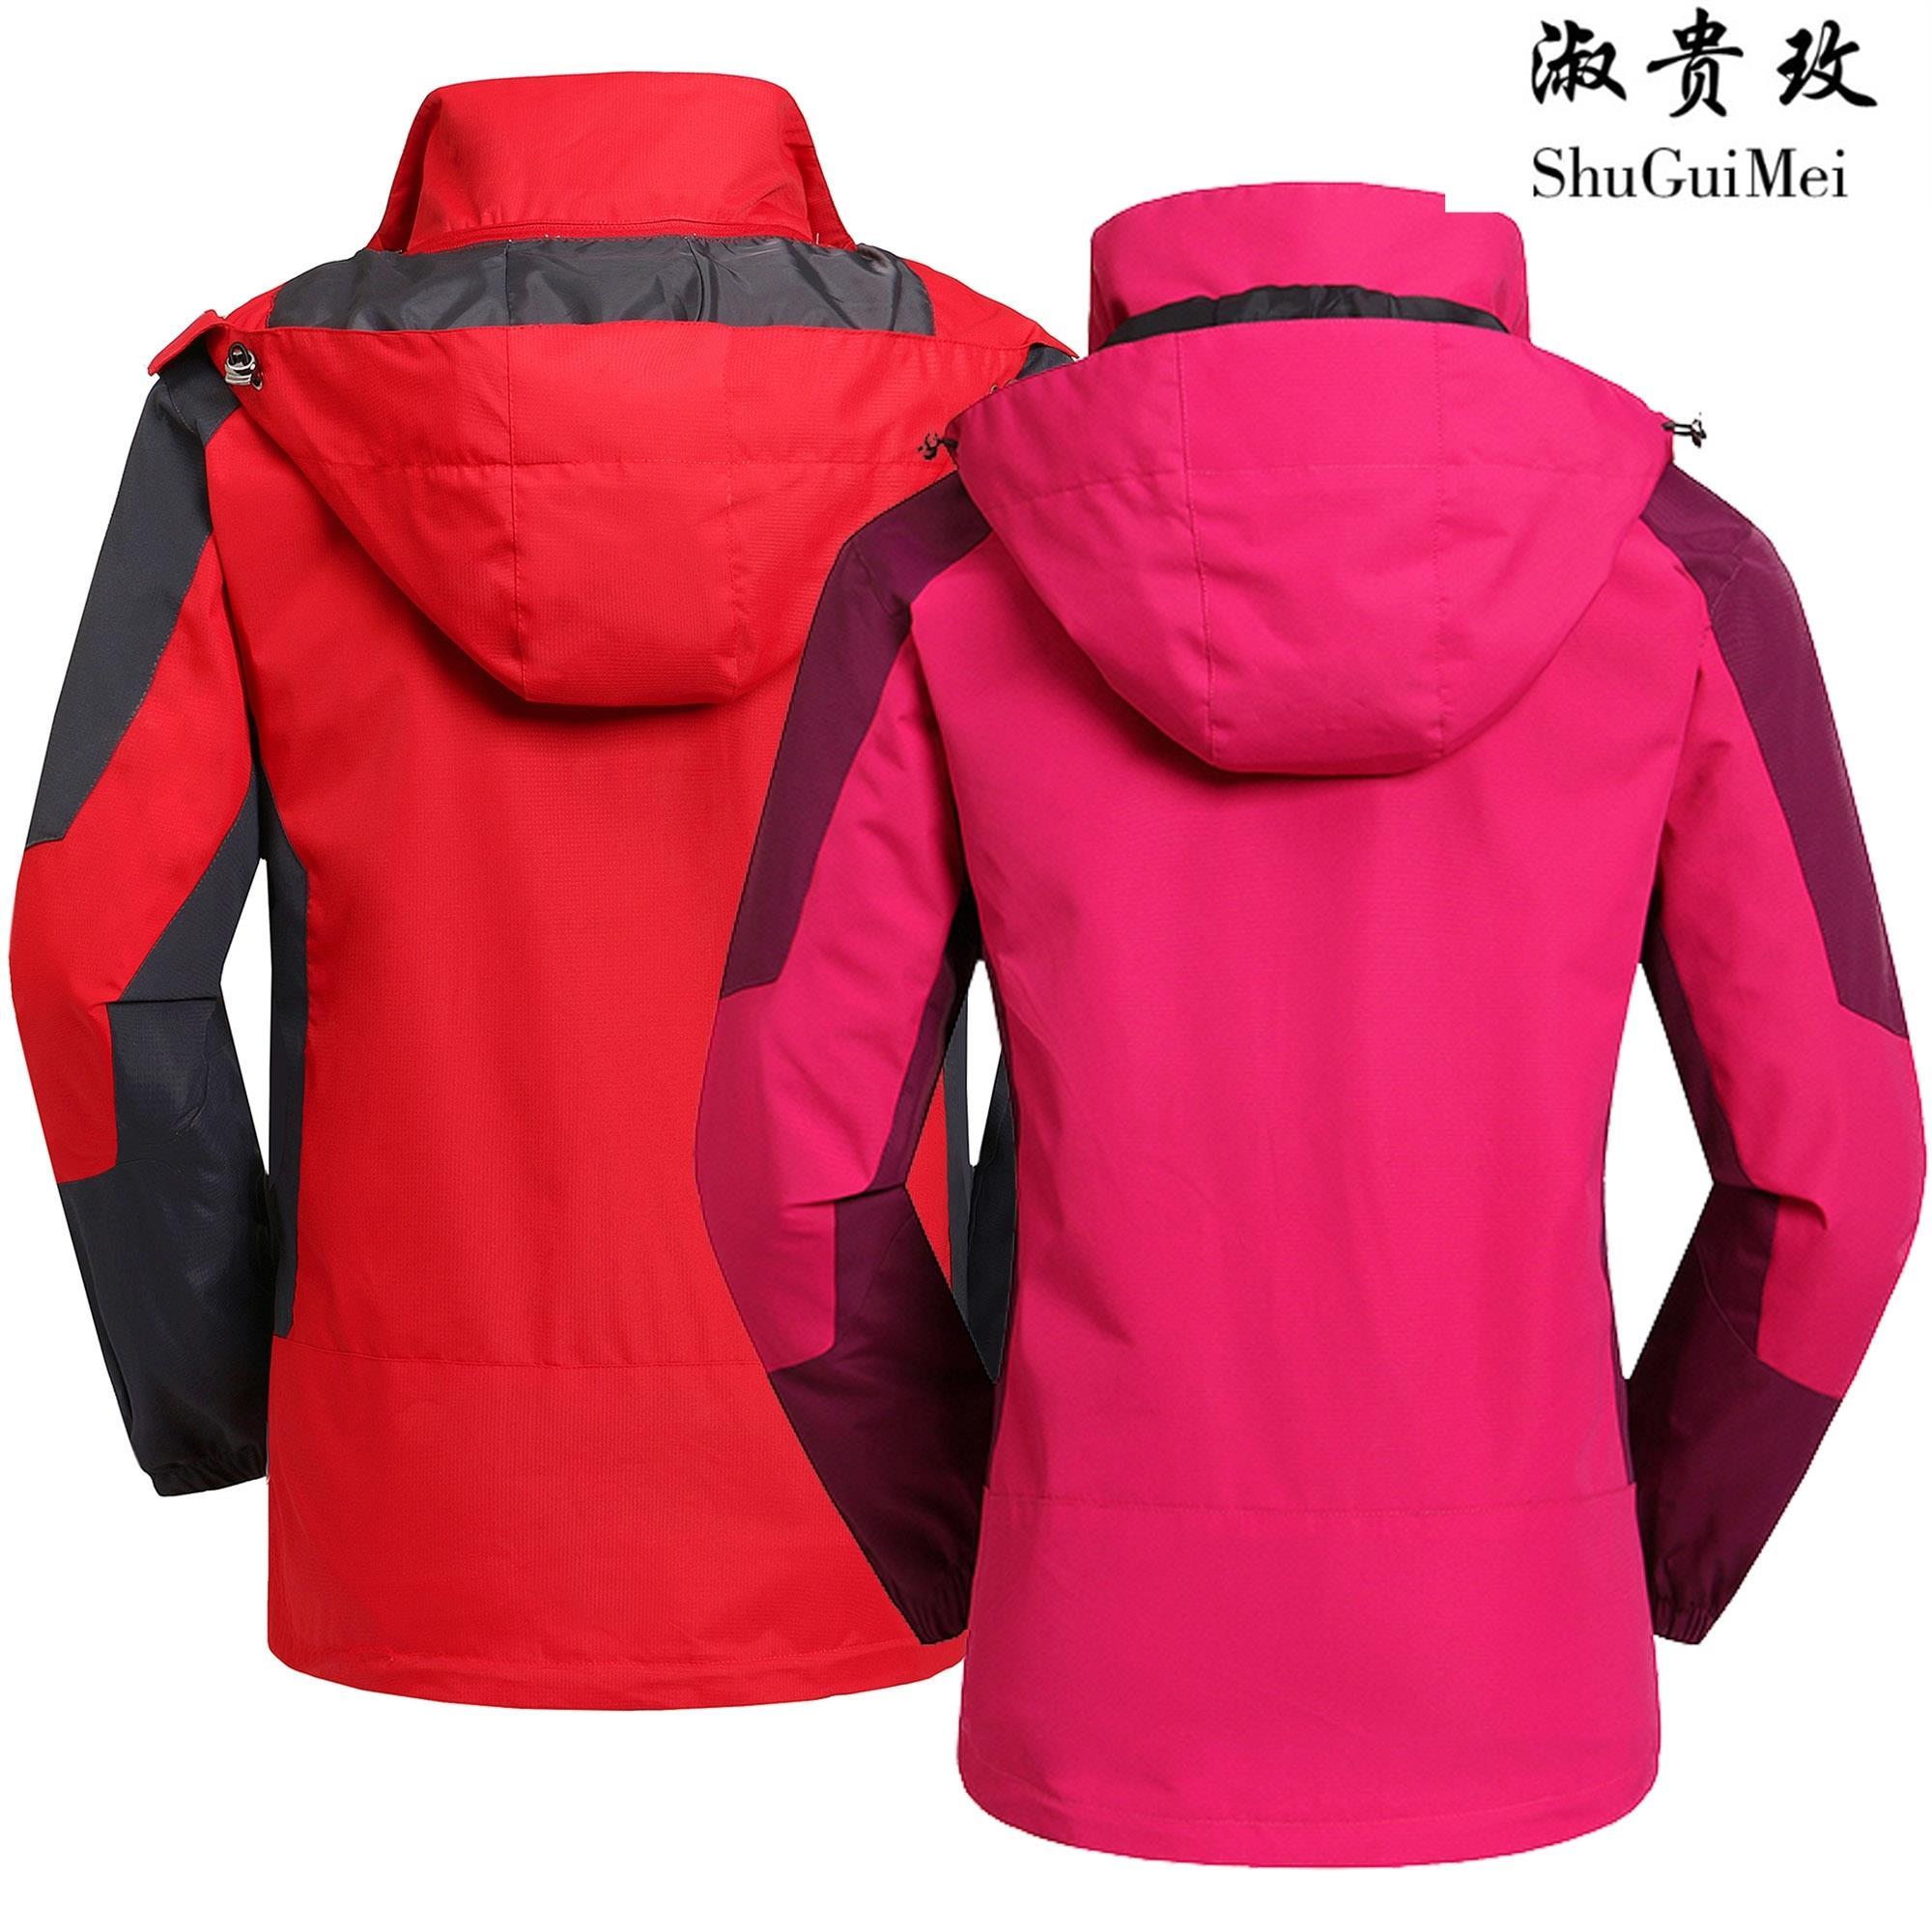 Одежда мужские и женские платье для влюбленной пары стиль Наружная одежда куртка хлопок одежда новый Комфортный коралловый бархат холодный три-в-одном наборы восходить